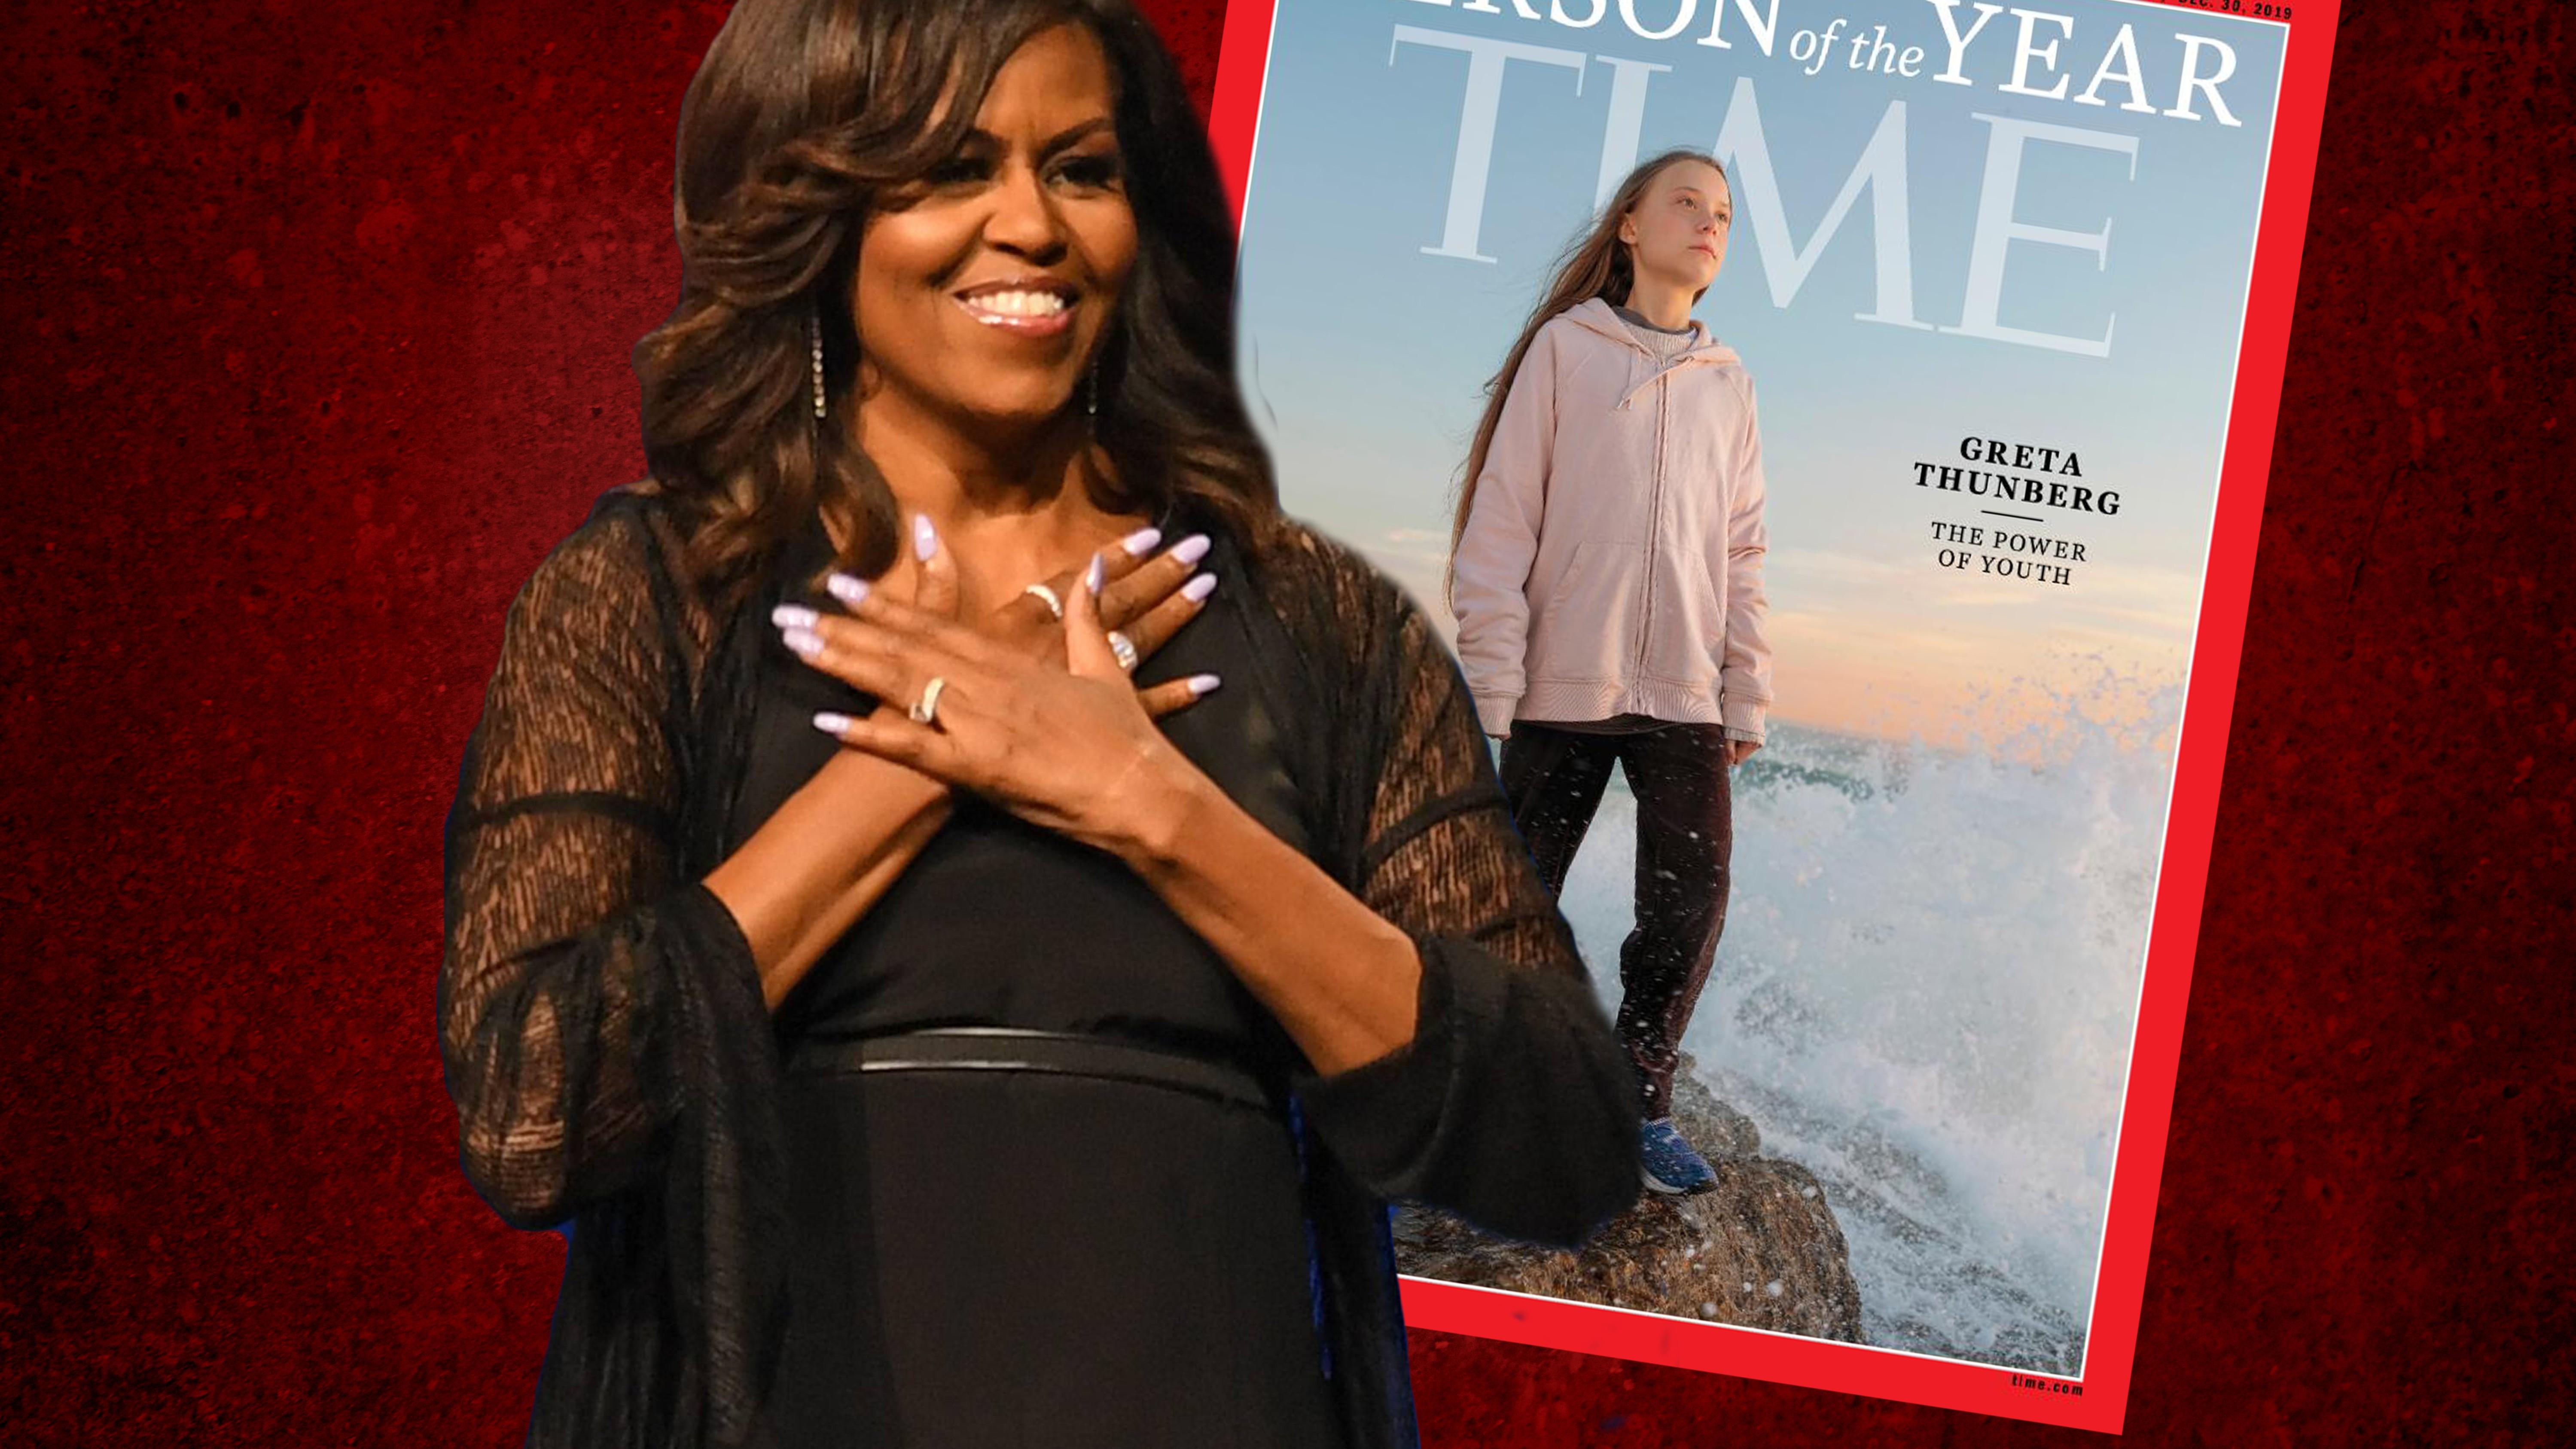 Nach Trump-Triade: Michelle Obama springt Greta Thunberg bei